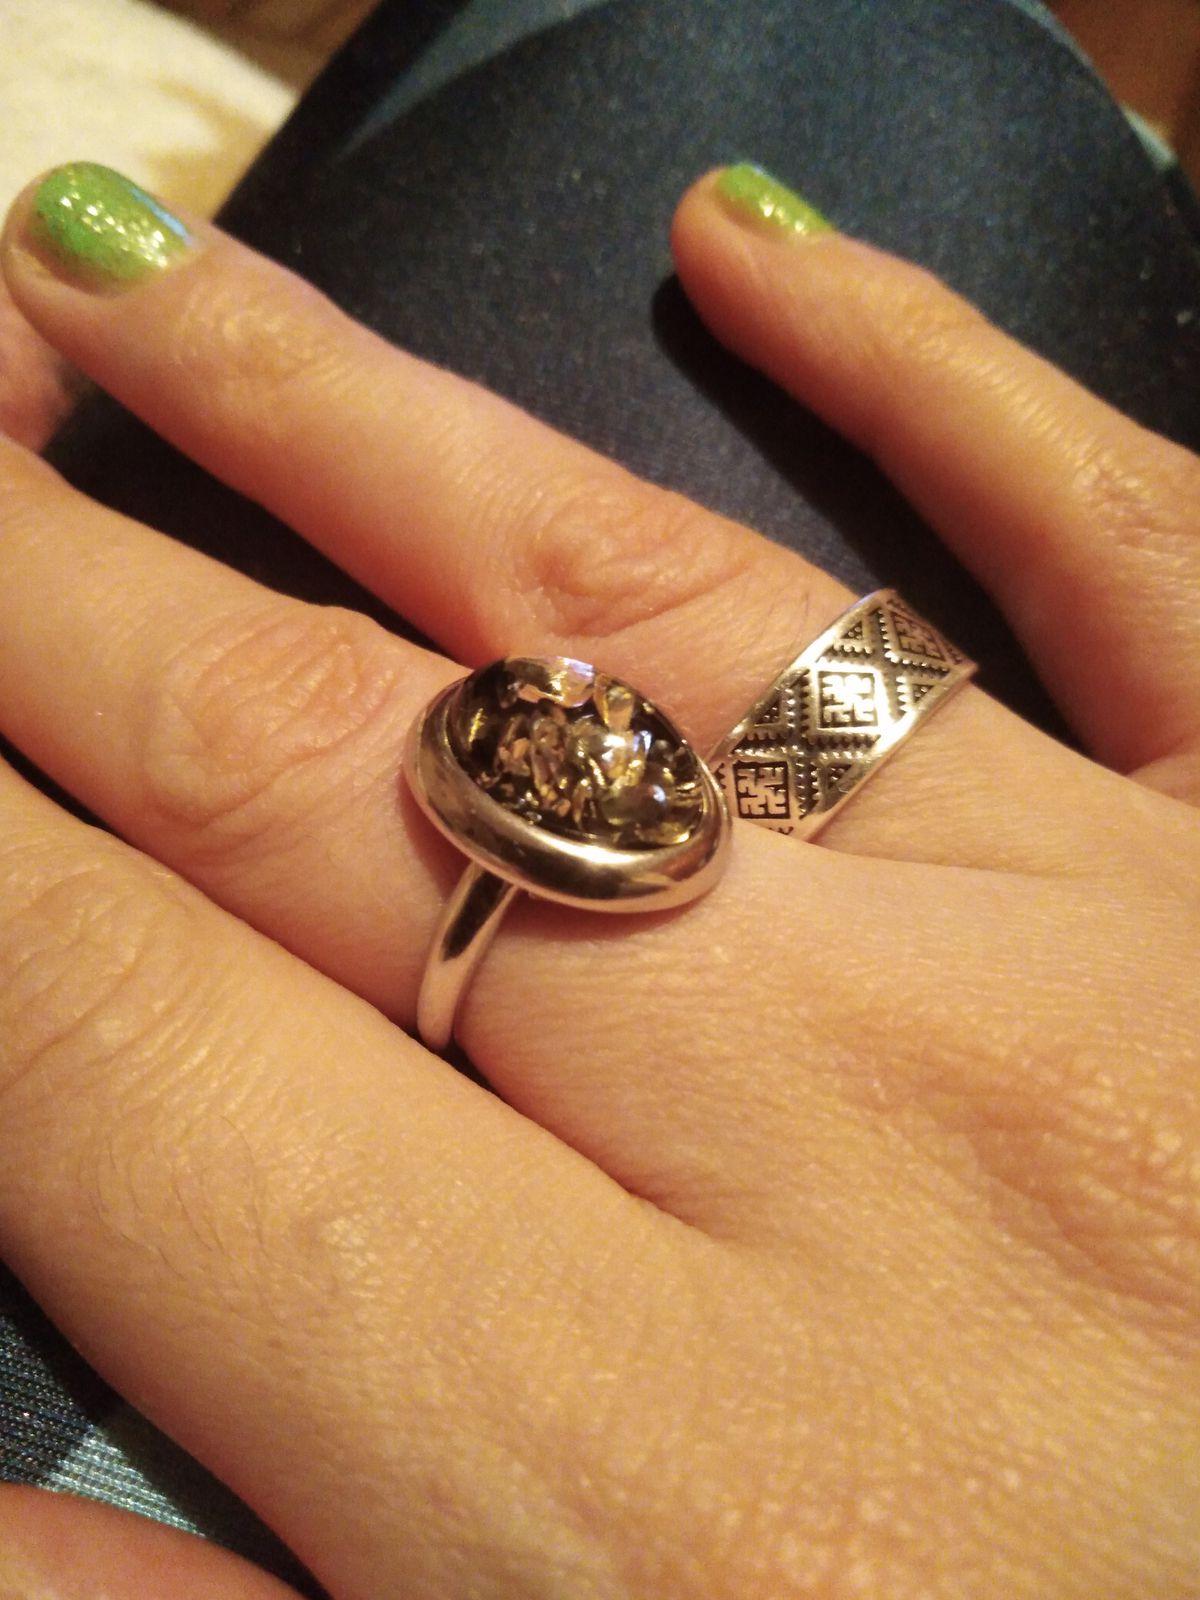 Классное кольцо! Надо брать!)))